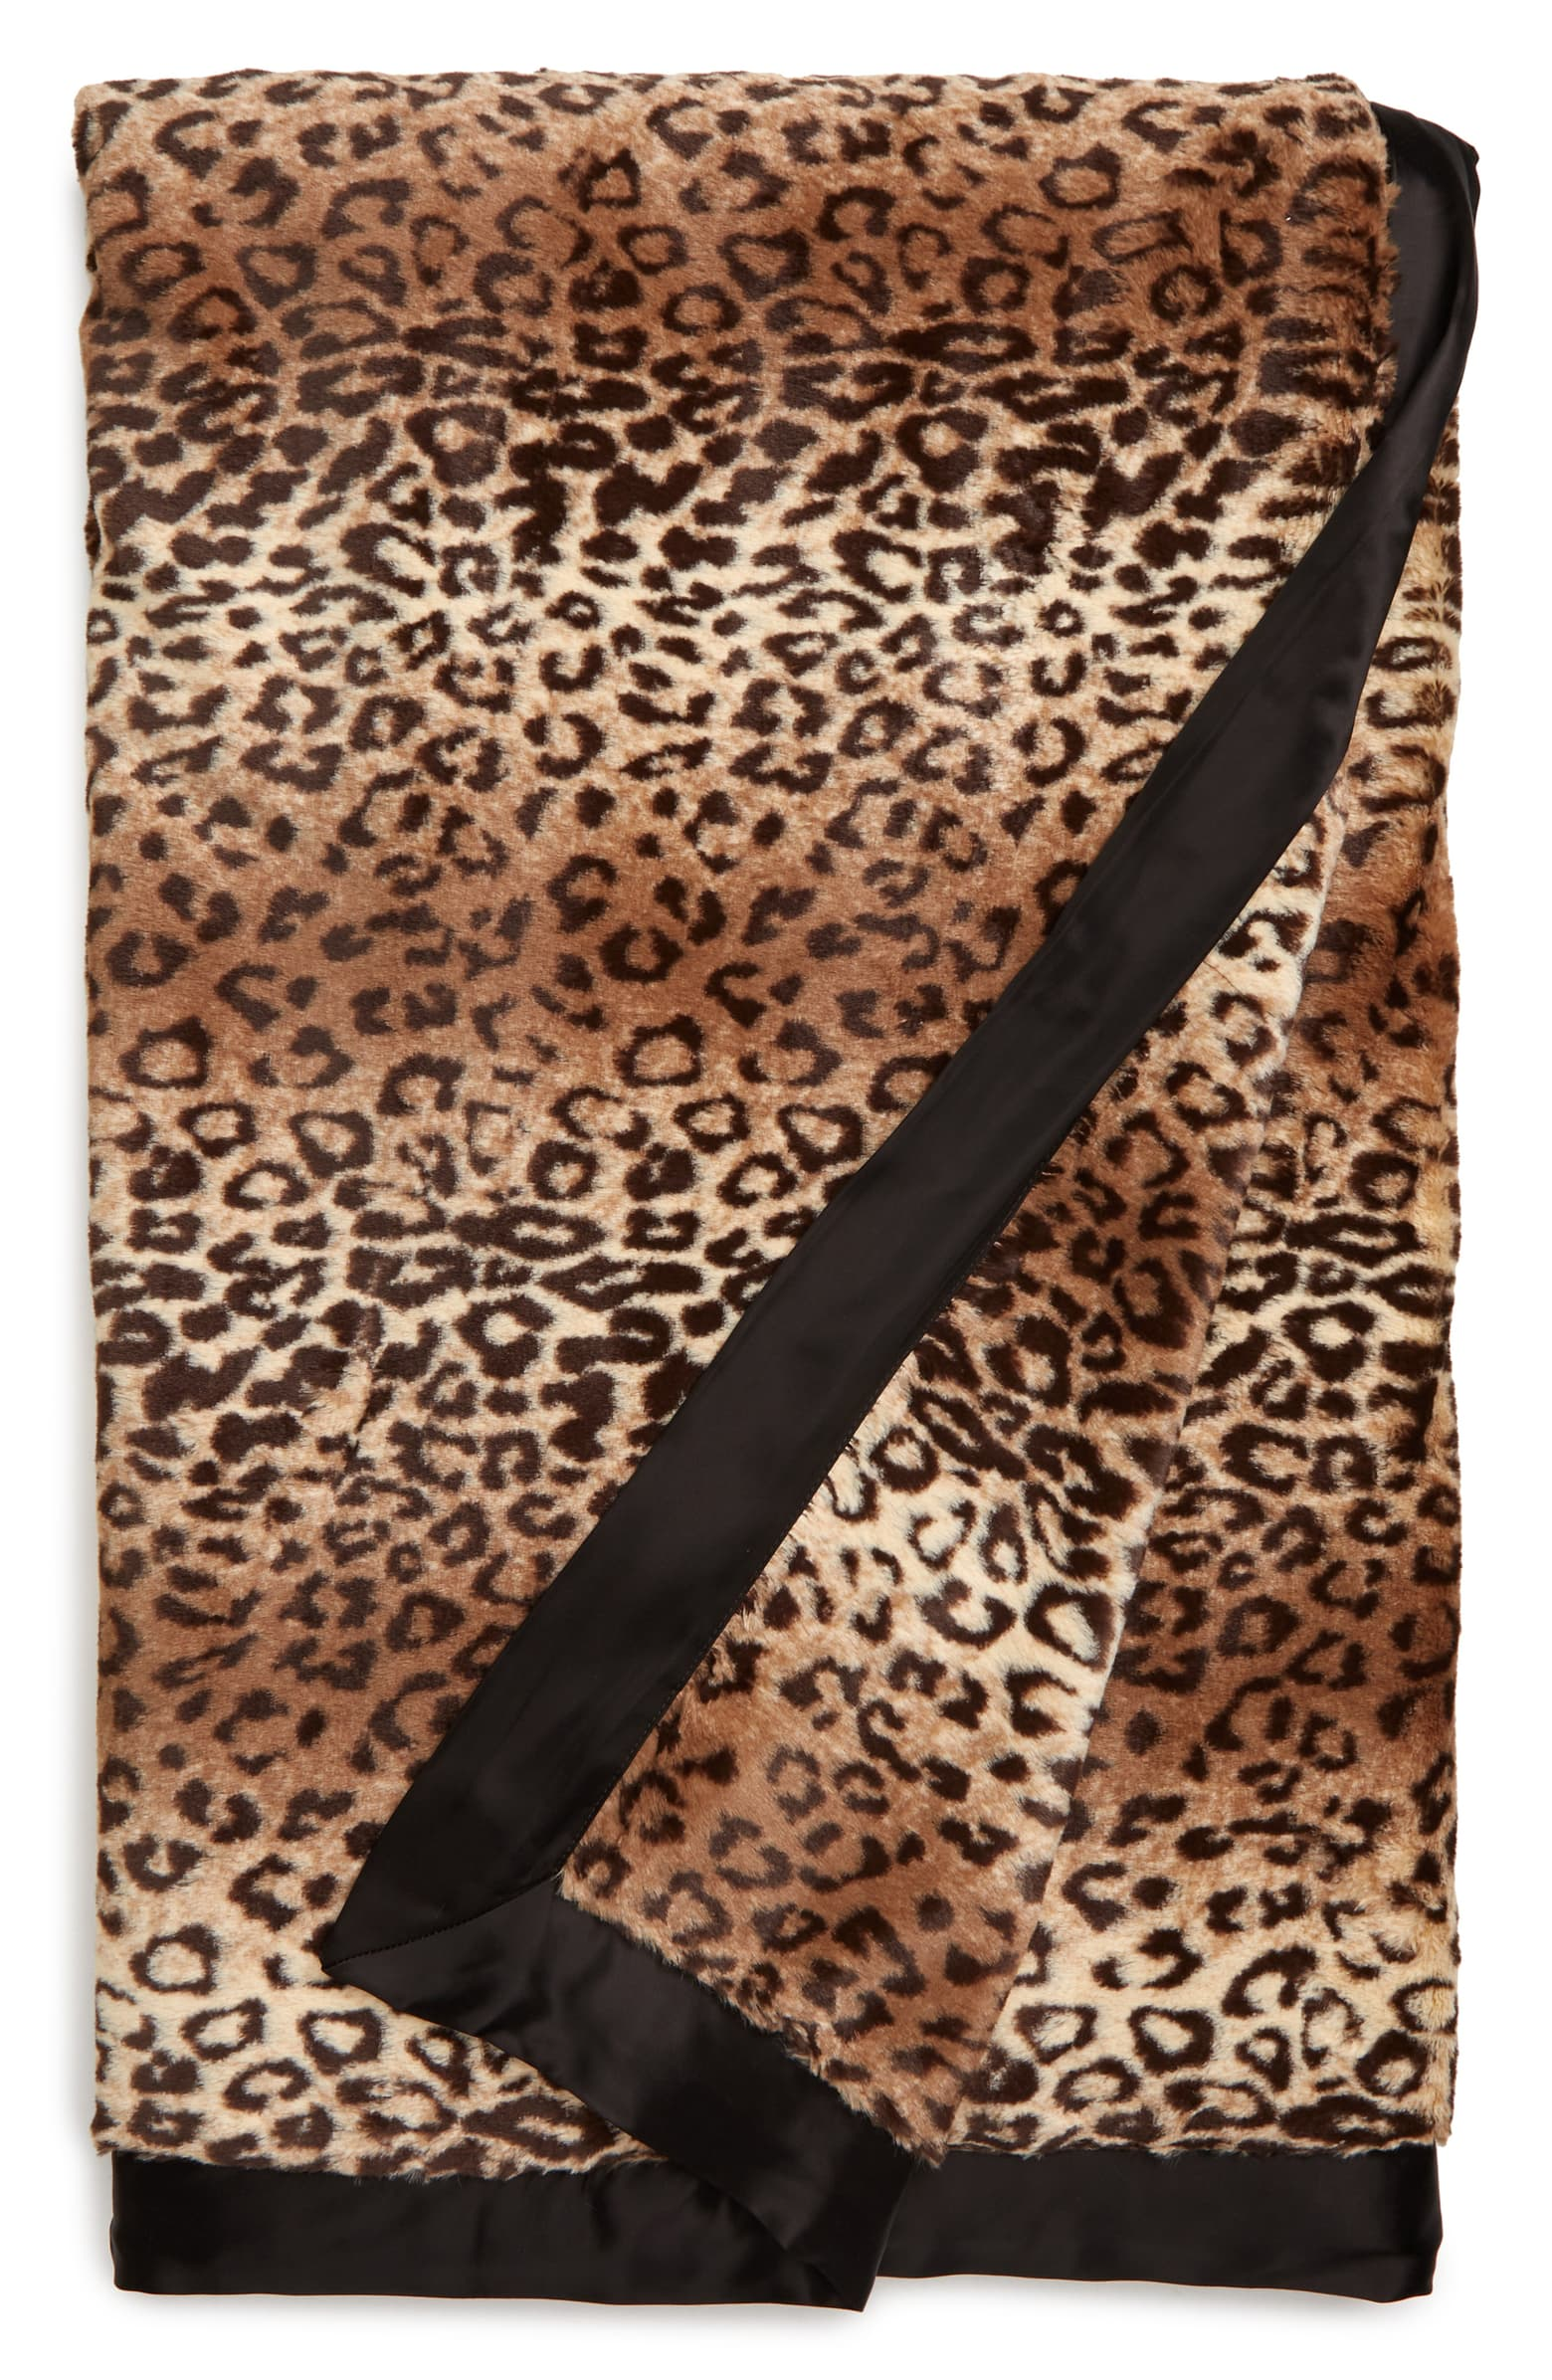 Luxe Espresso Leopard Faux Fur Throw Blanket